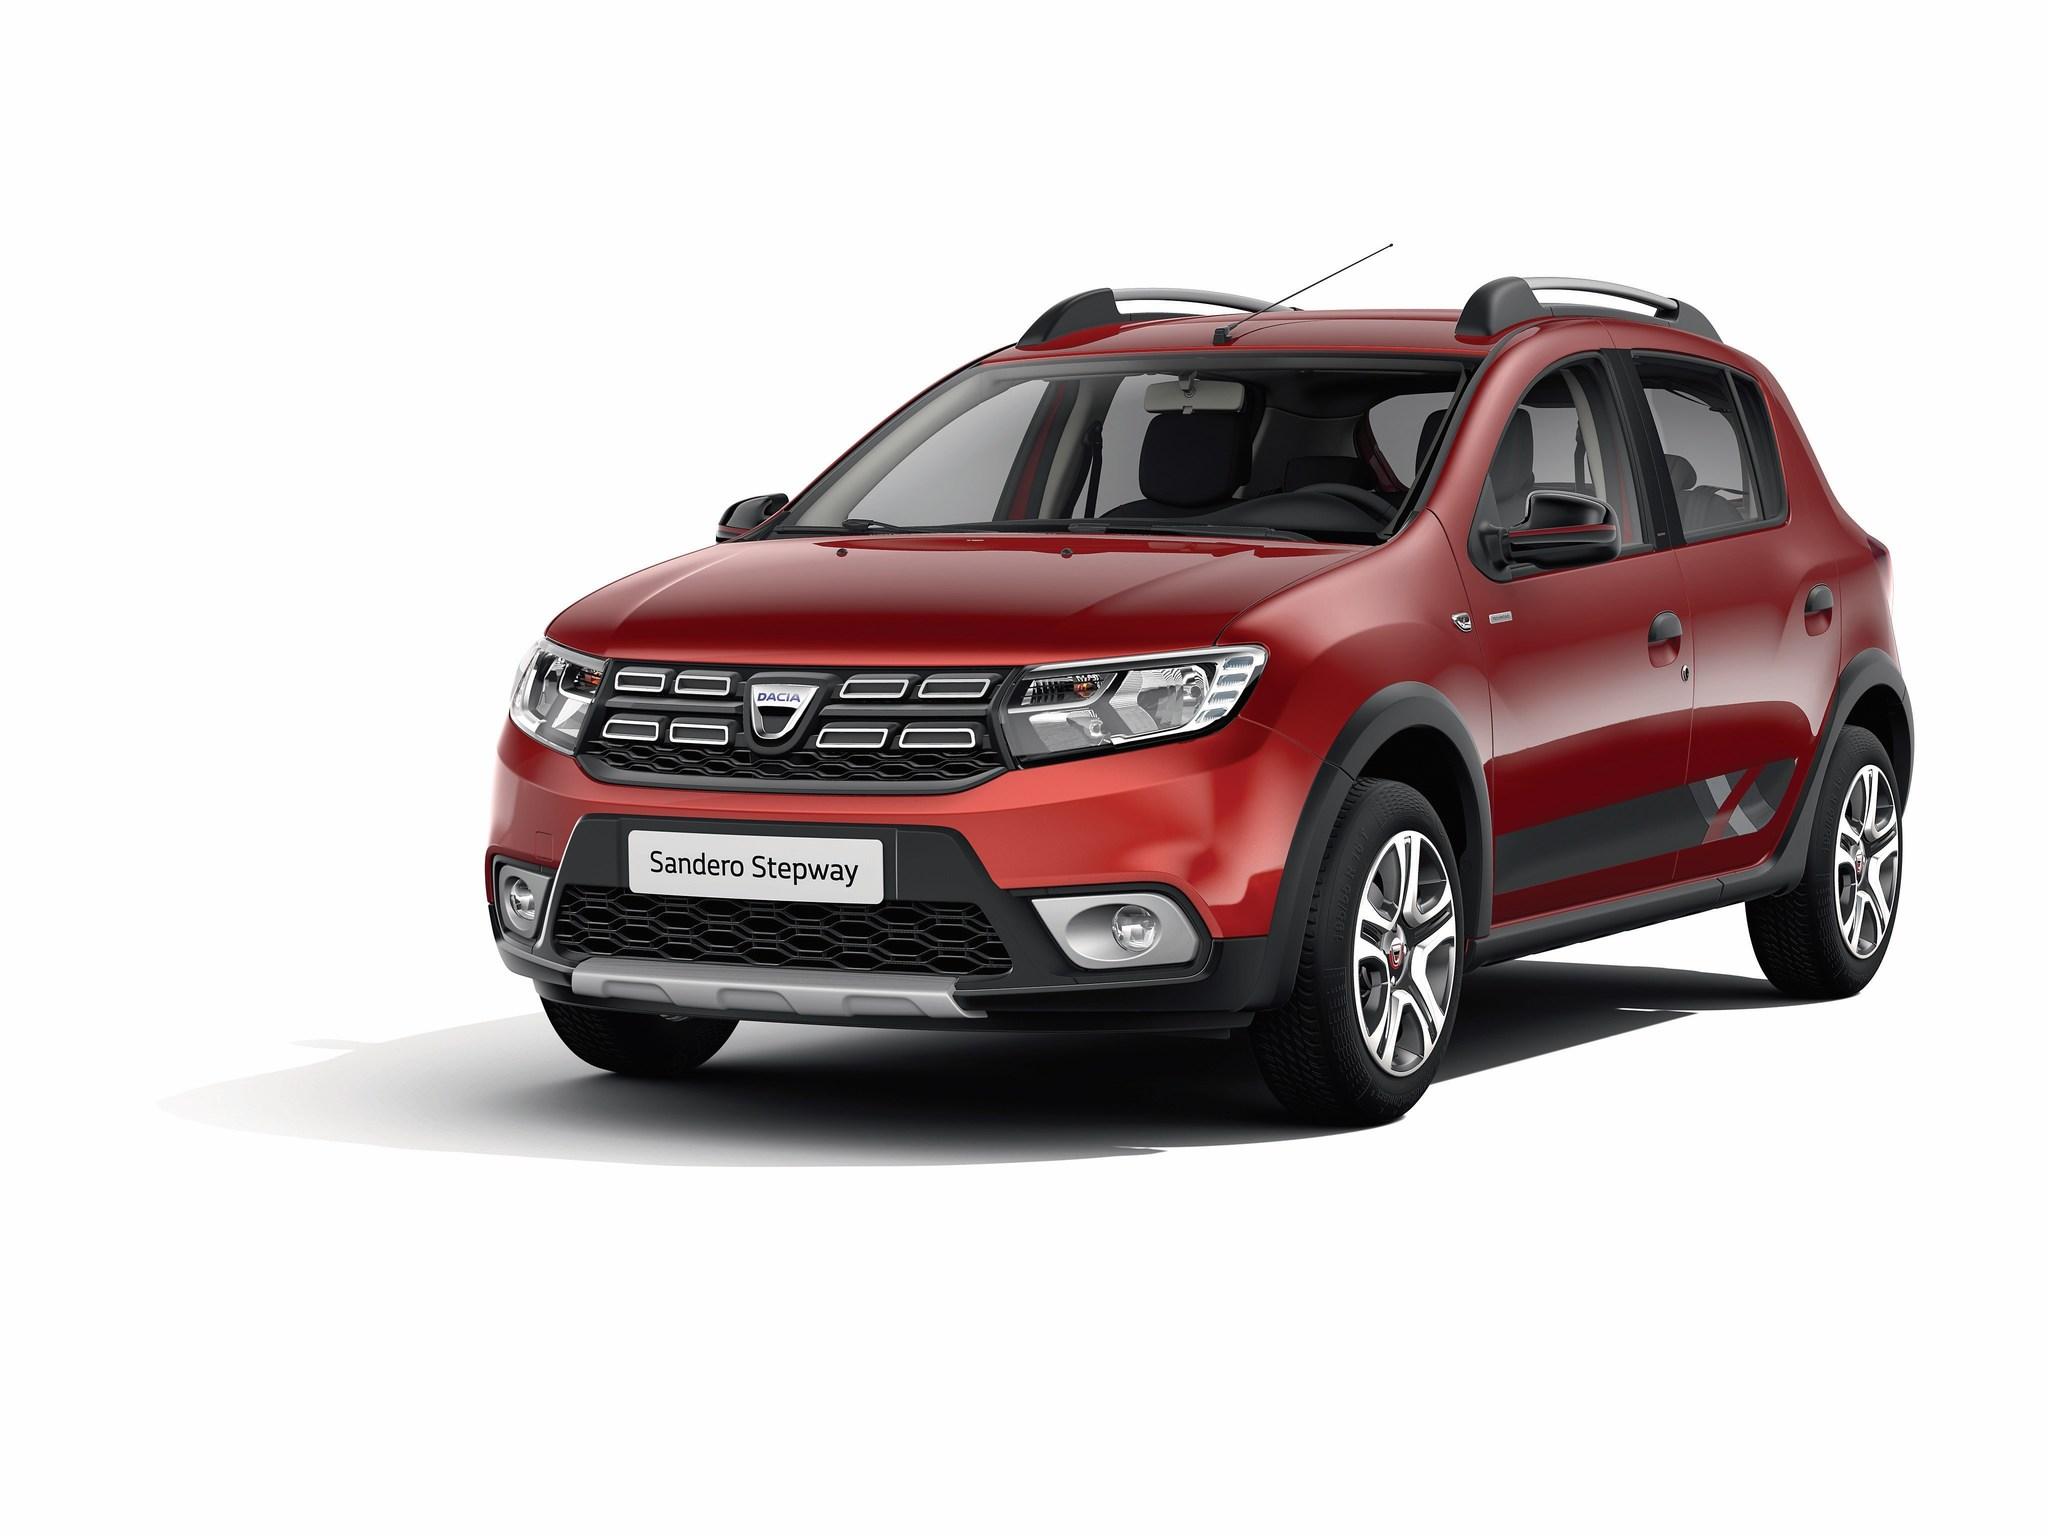 ... Dacia, que ha presentado en al cita suiza una edición limitada denominada X Plore que llevará a los Dacia Duster y toda la gama Stepway (Sandero, Logan ...